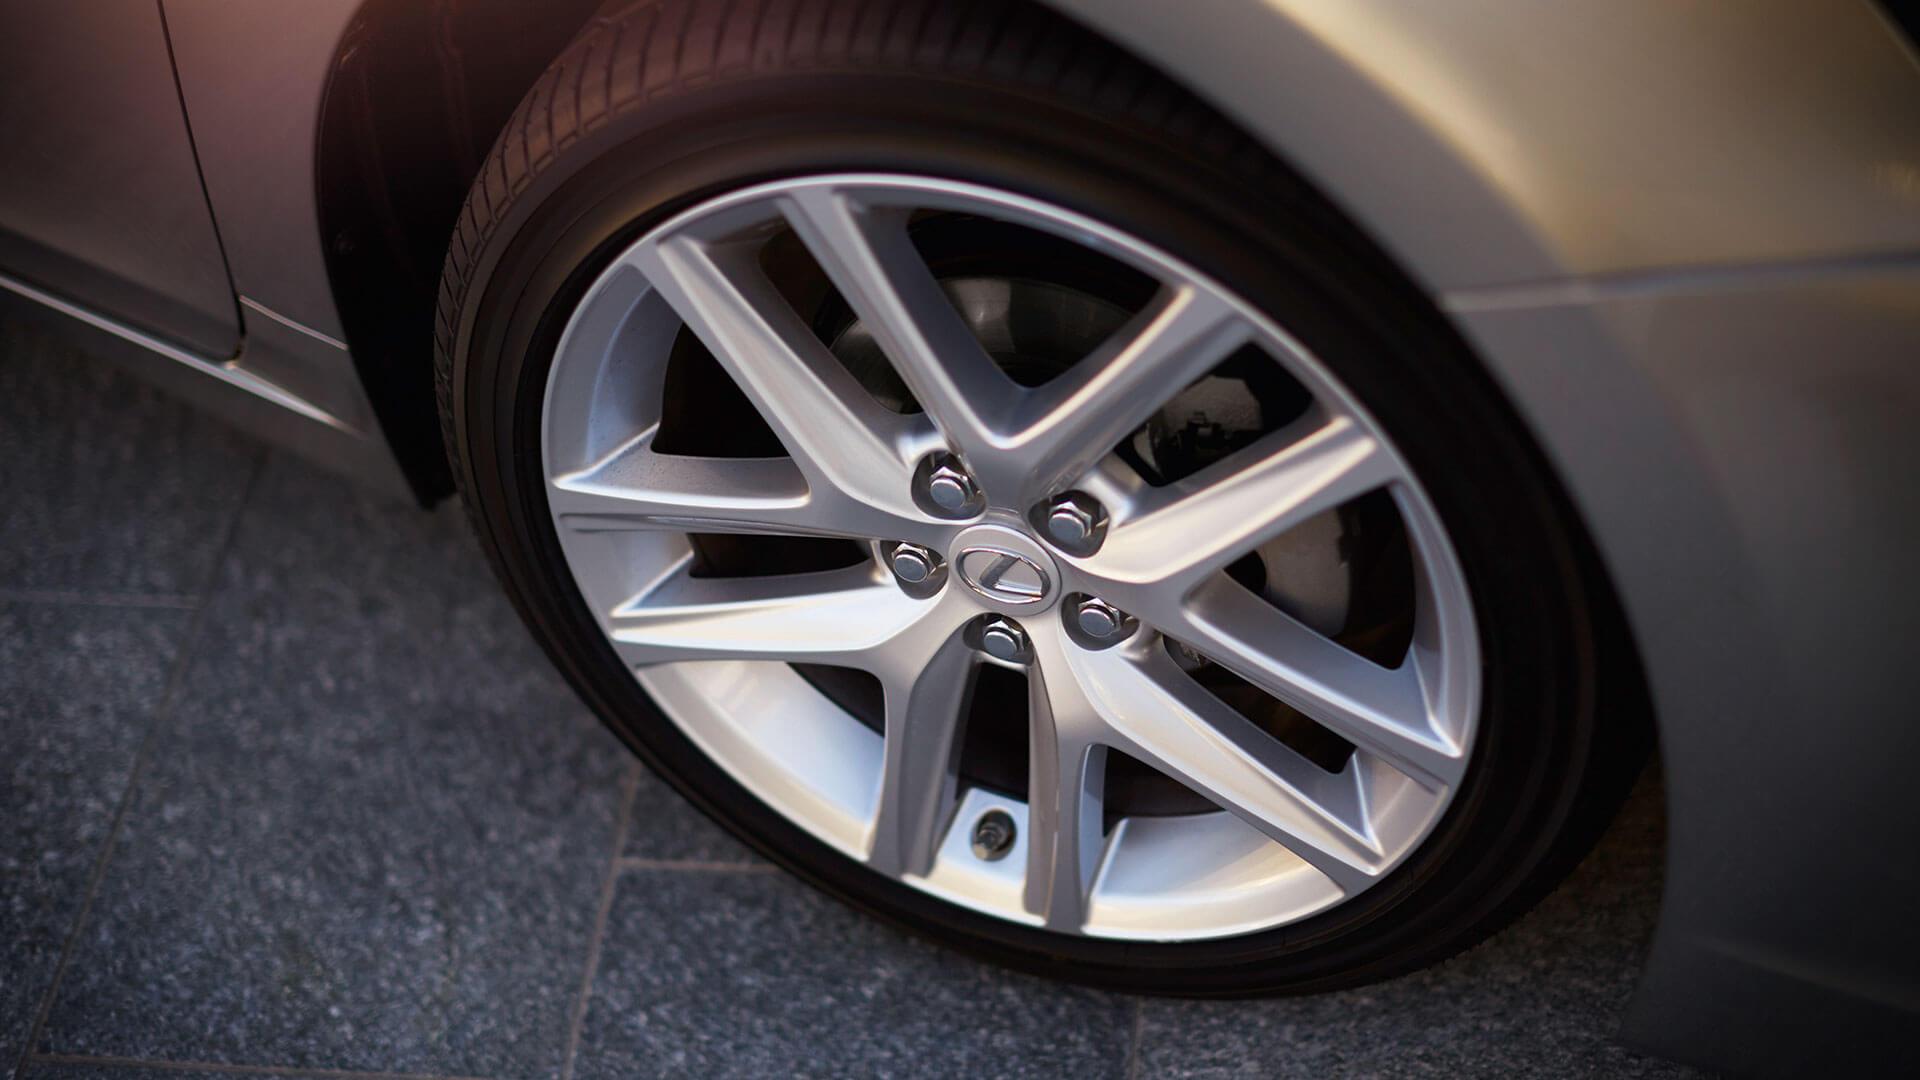 velg van een grijze Lexus CT 200h